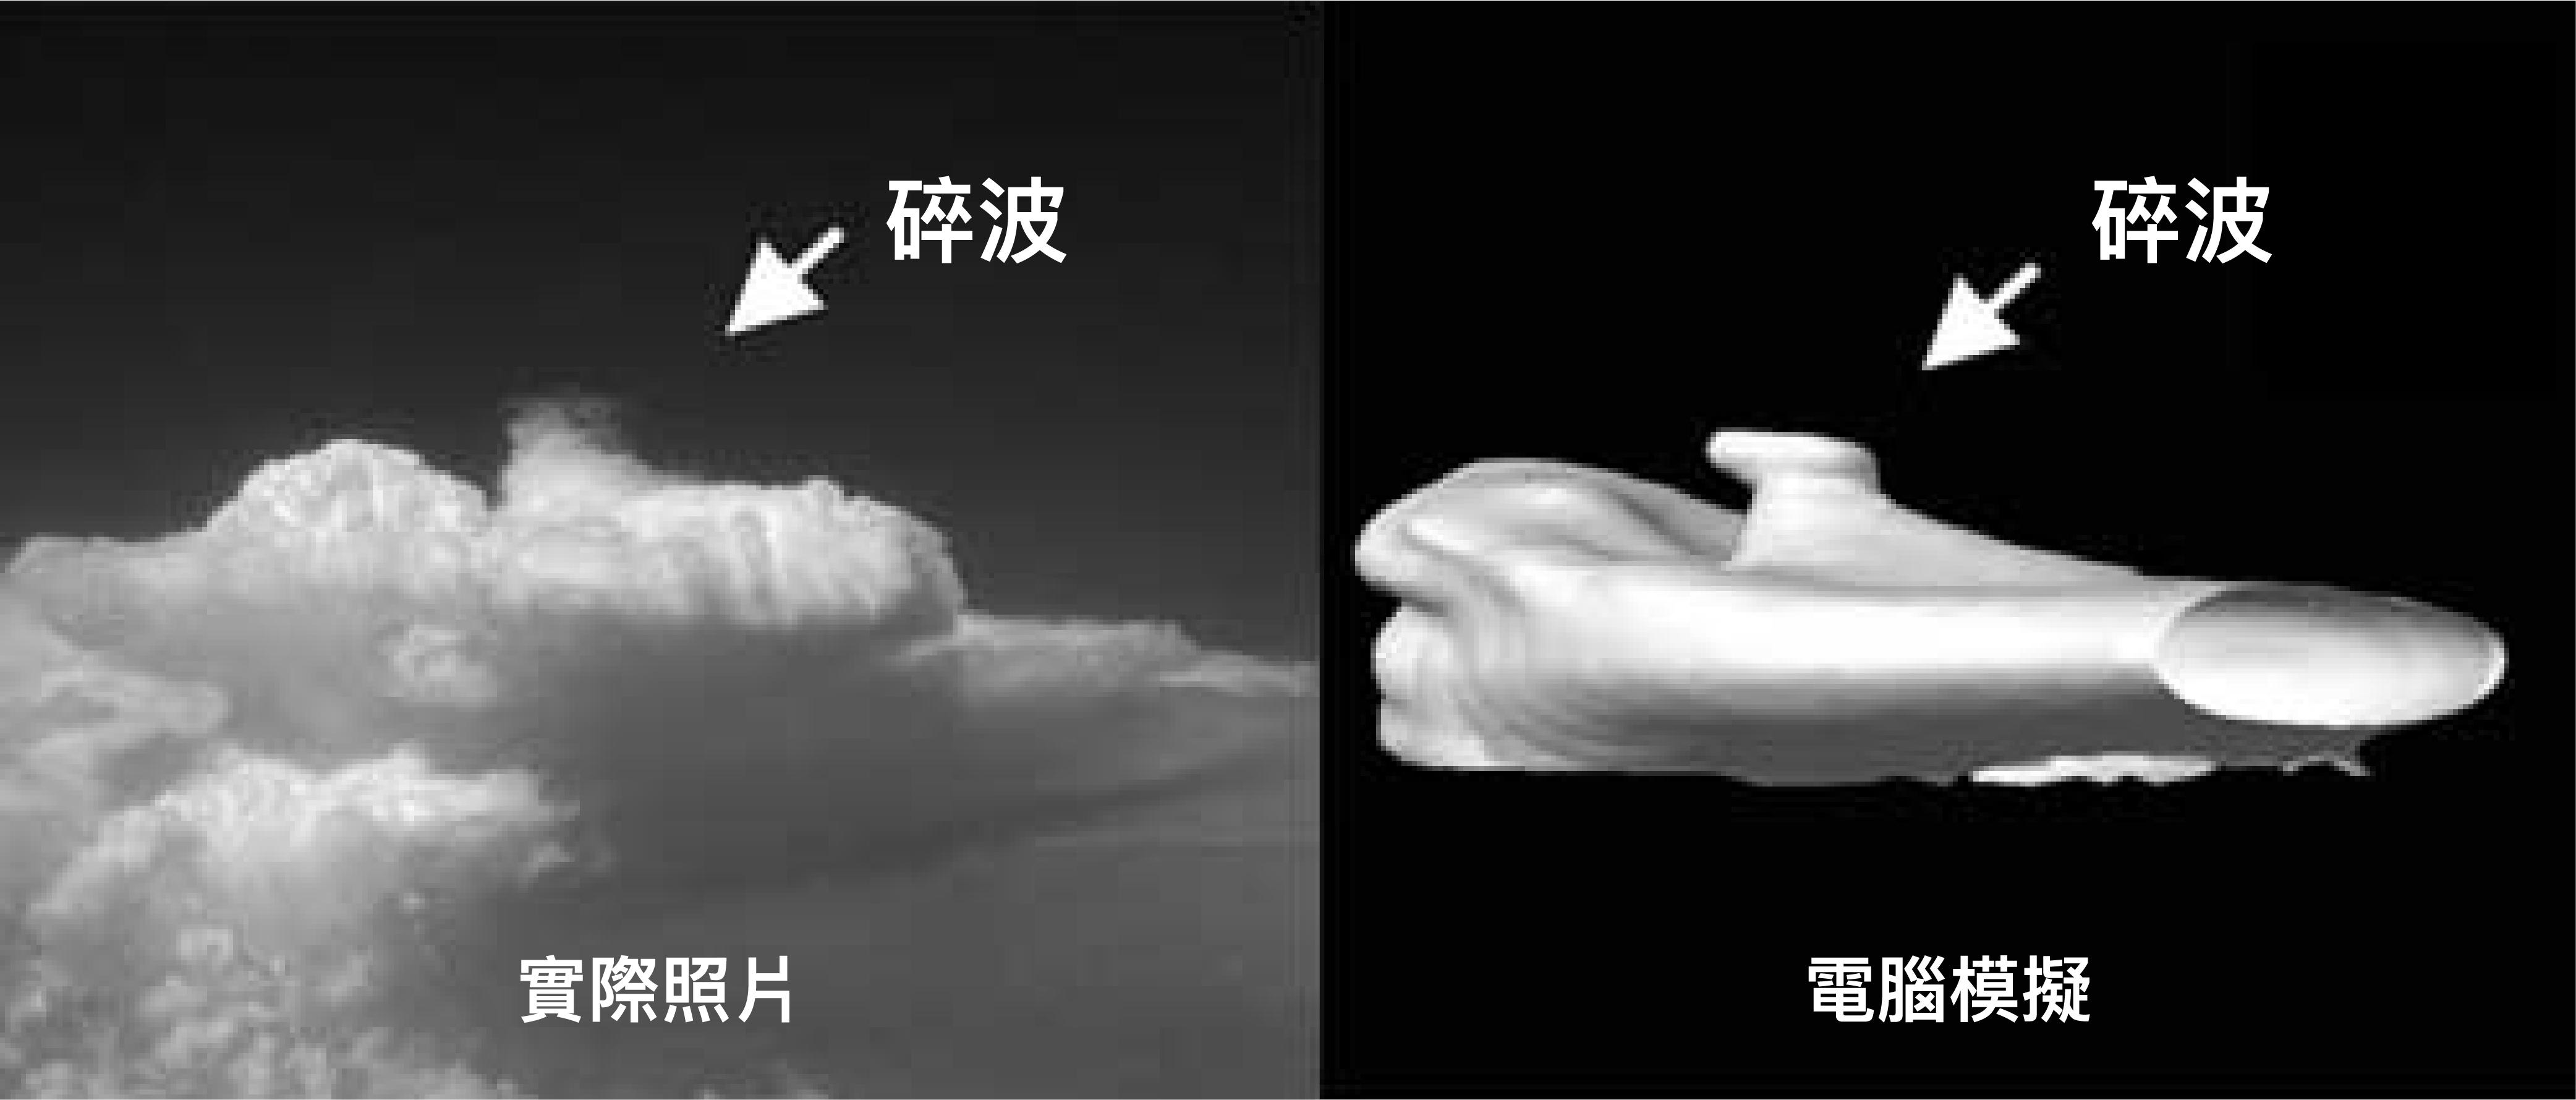 雲頂「倒捲」的形狀,即是「碎波」。王寳貫團隊以電腦模擬碎波的形狀、大小、方位、發生地點,和實際觀測情況相當吻合。 資料來源│Wang, P. K. 2004: A cloud model interpretation of jumping cirrus above storm top, Geophys. Res. Lett., 31, L18106